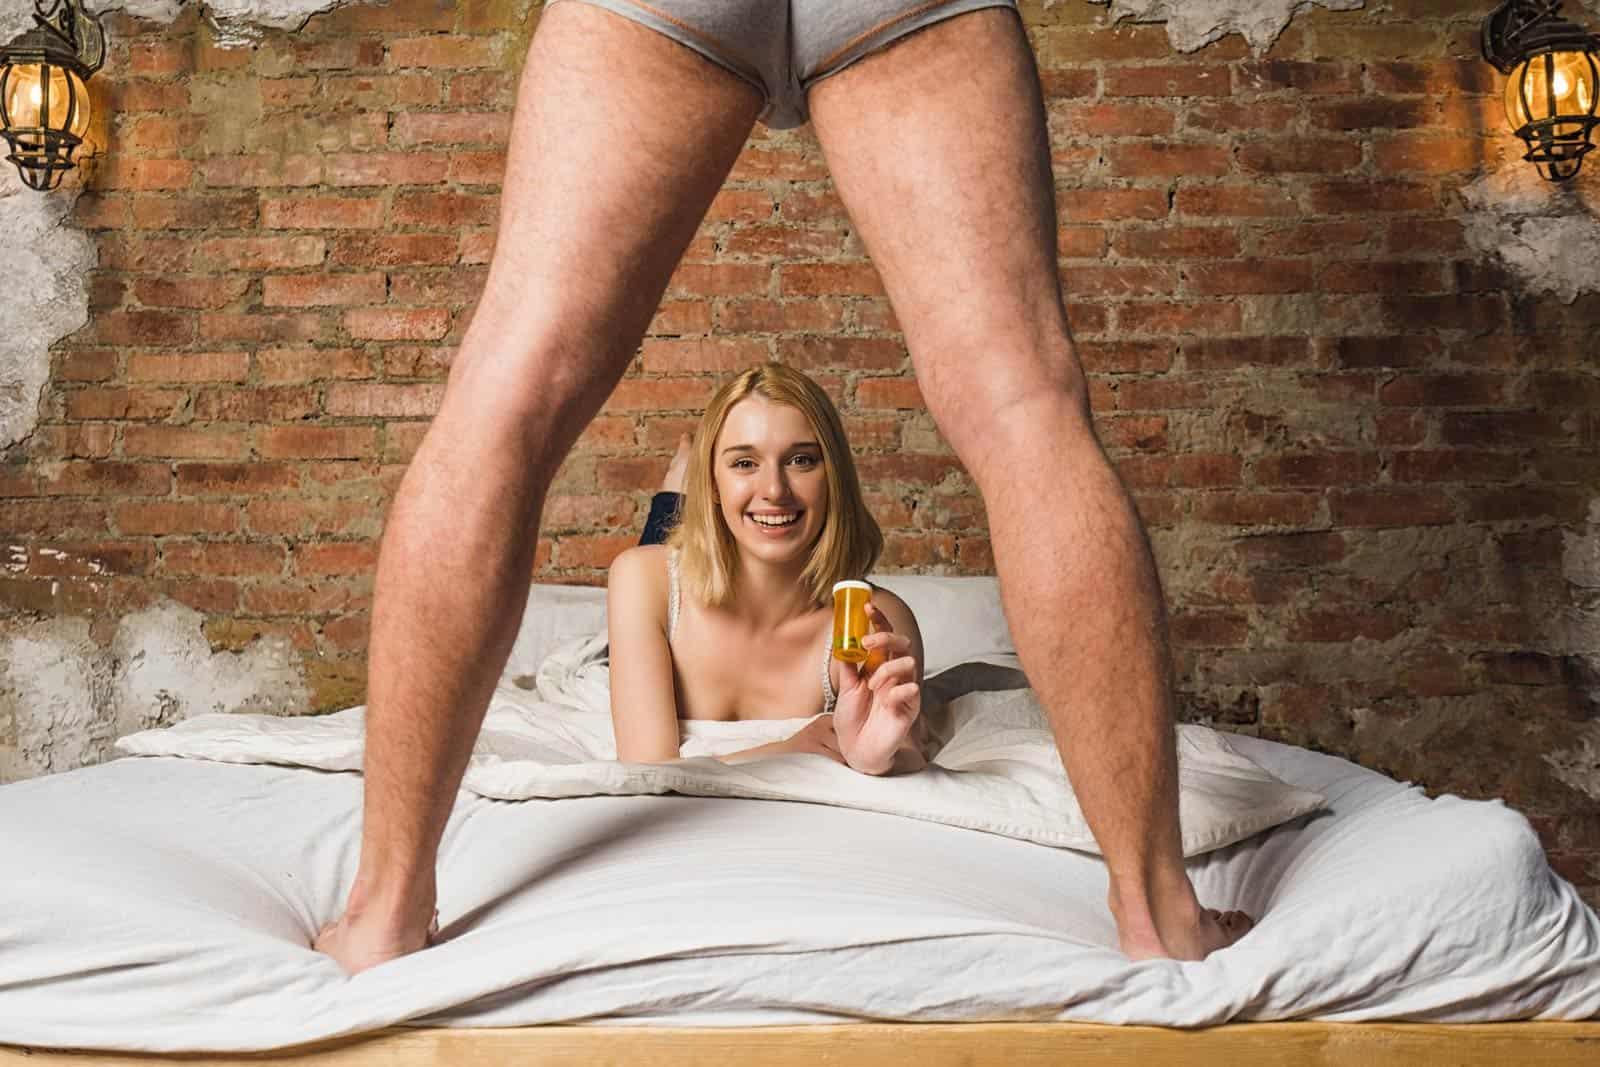 Tablete za uzbuđivanje žena